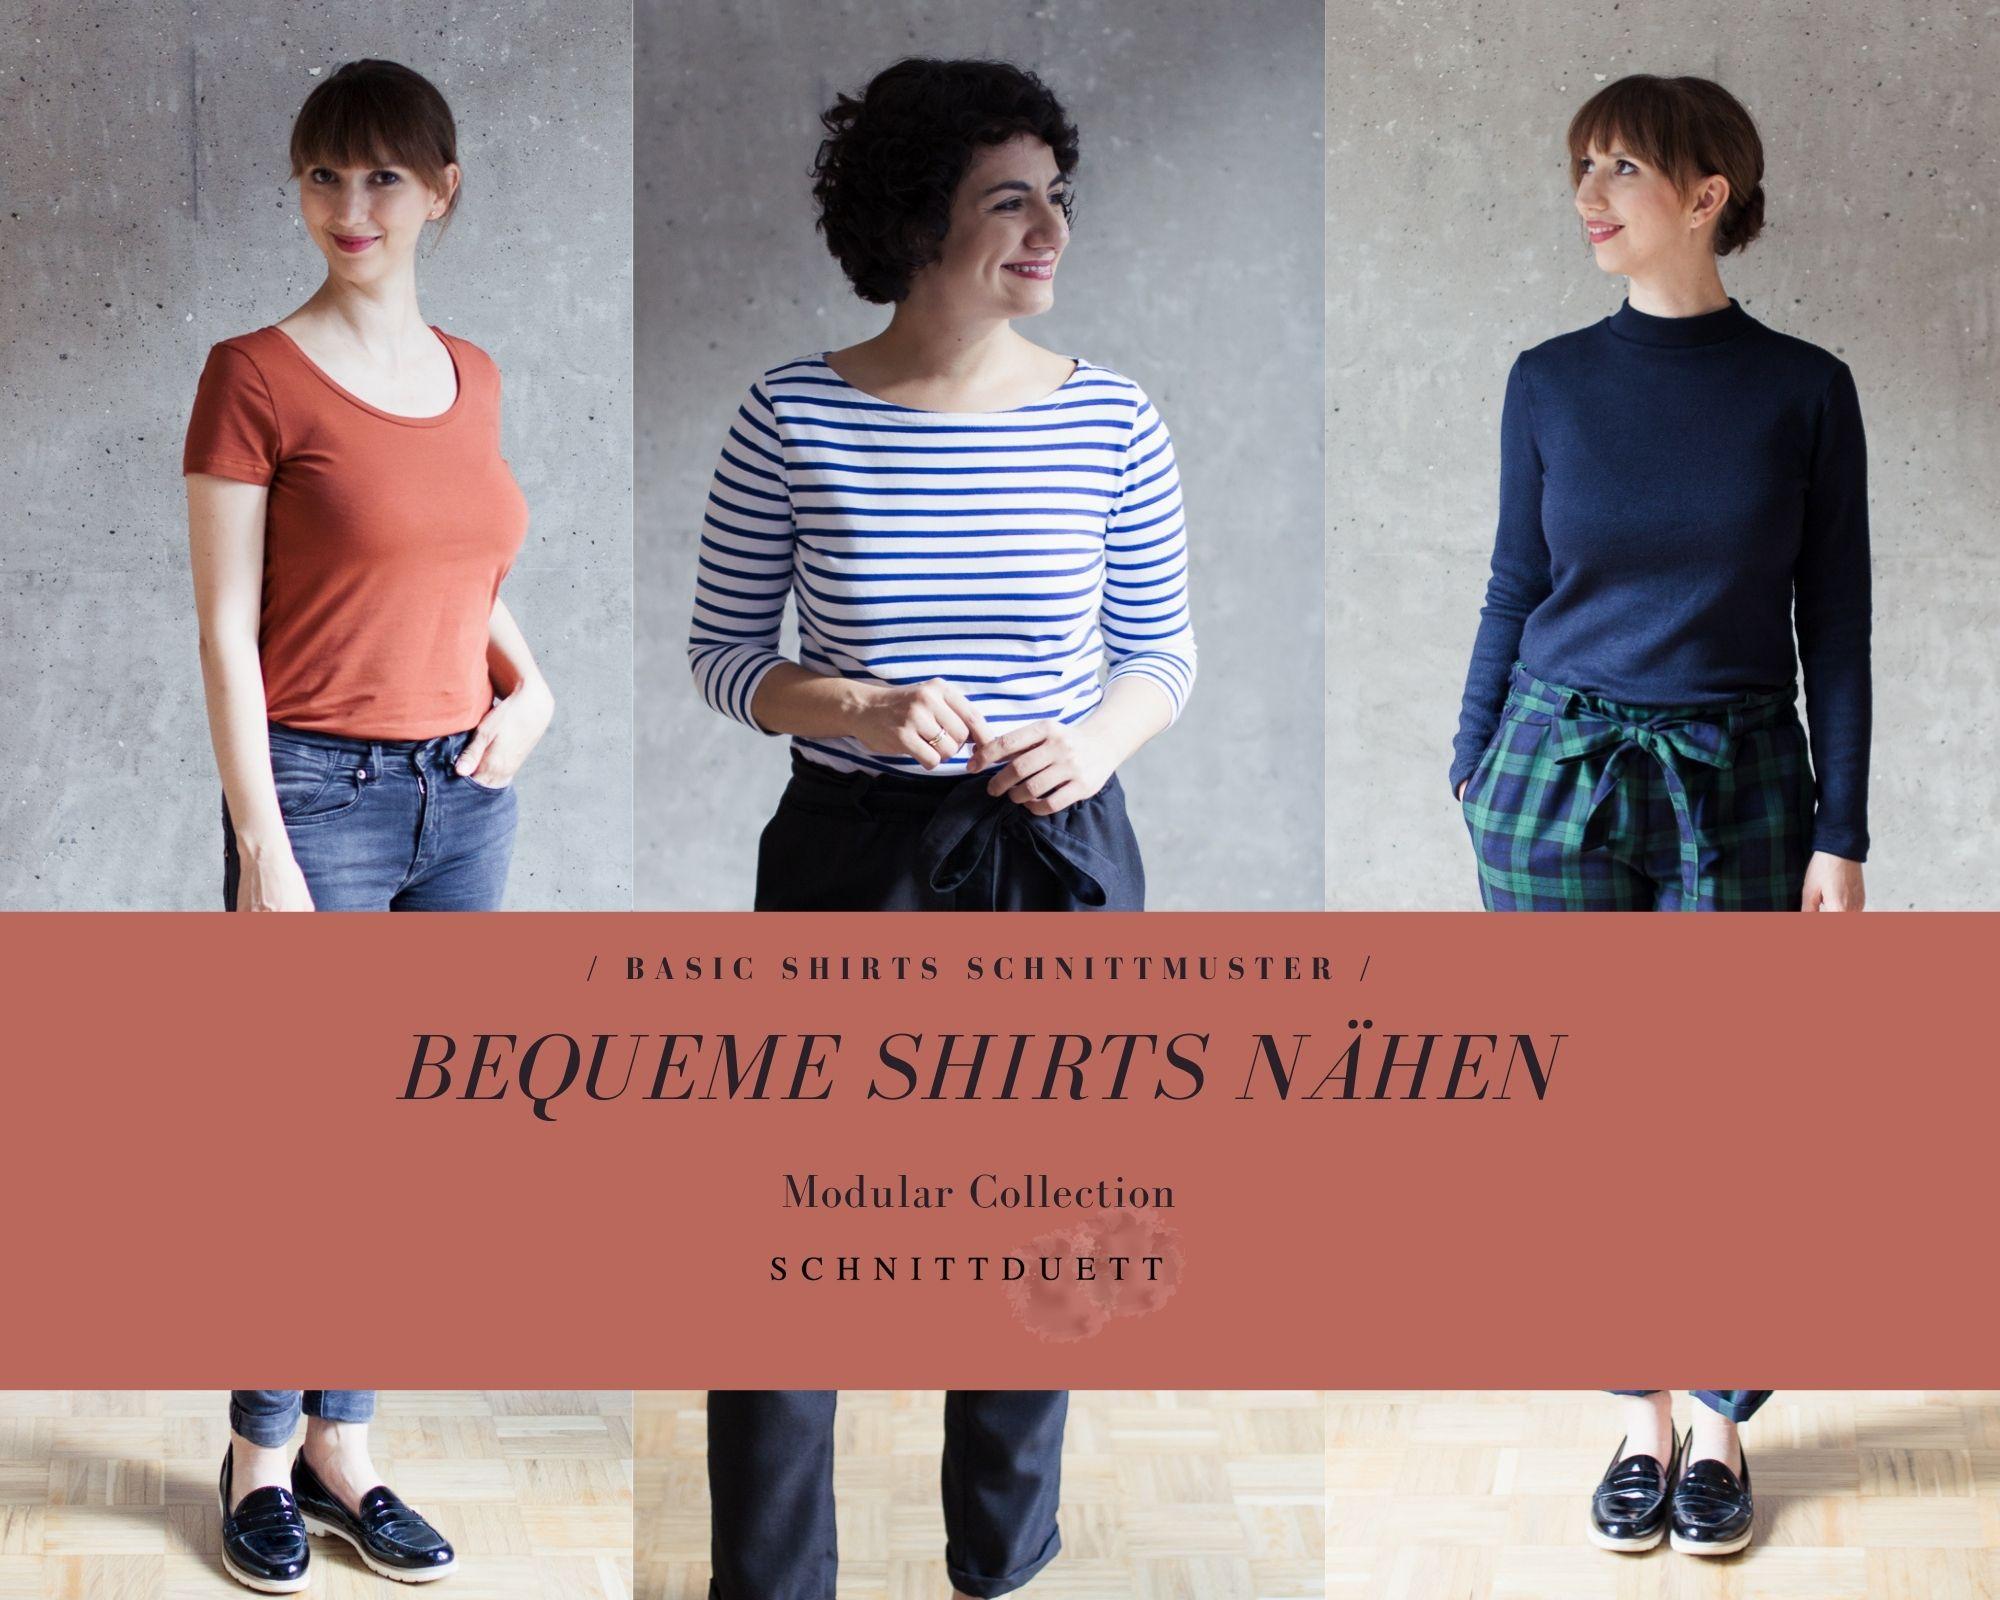 Bequeme Shirts nähen aus Jersey - Schnittduett moderne Schnittmuster für Damen